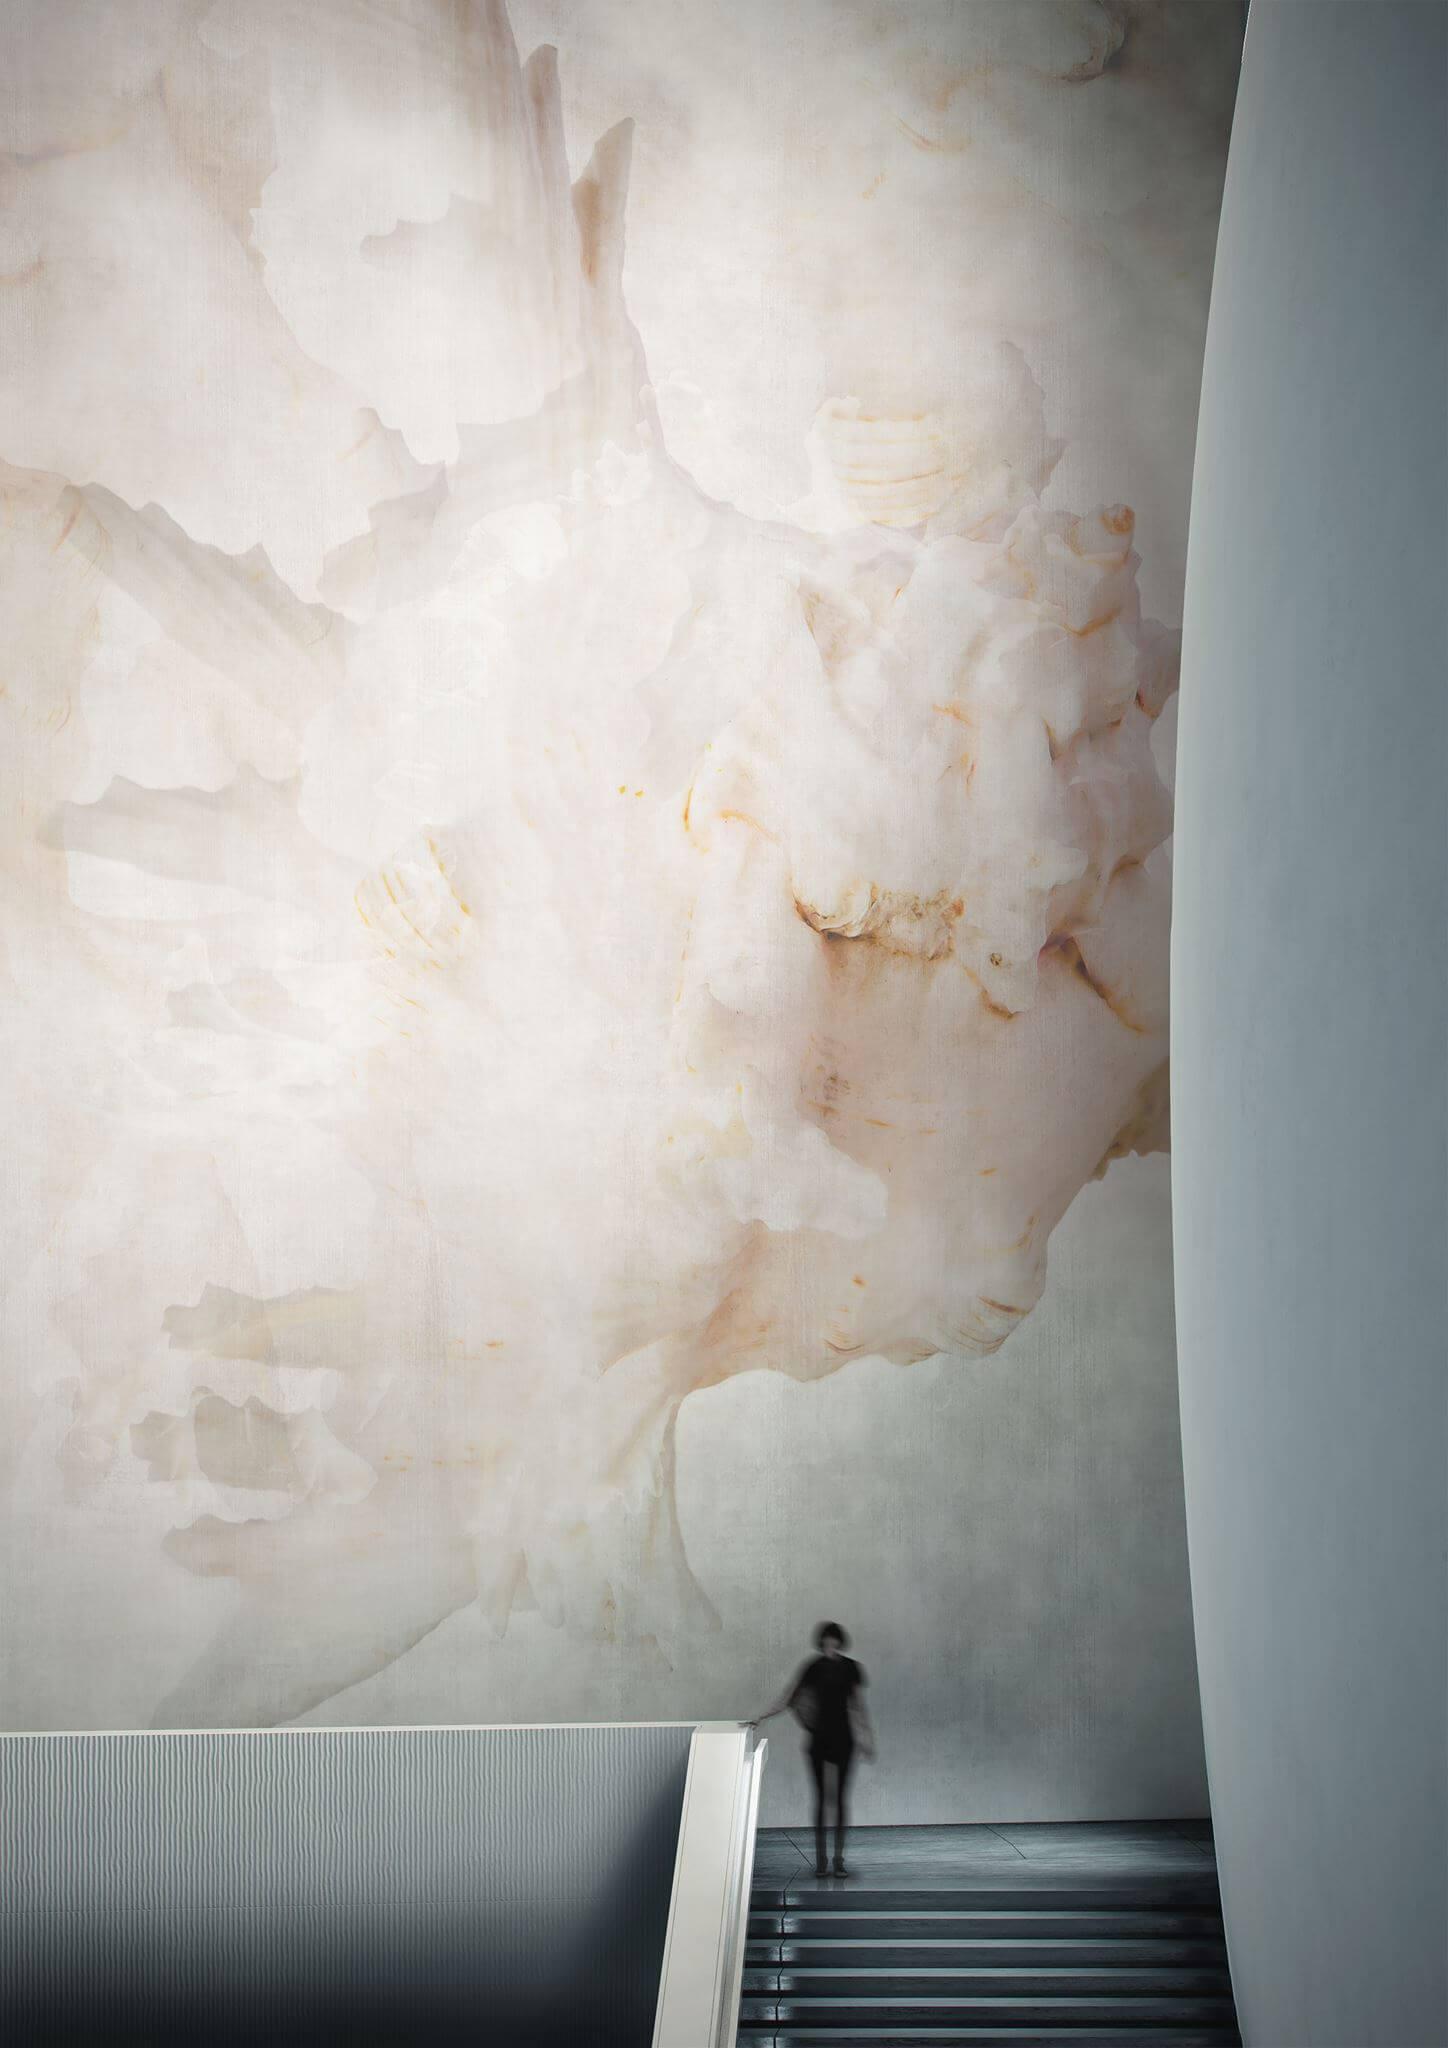 Cersaie 2017 Designexperte Torsten Mueller Baddesign Lifestyle Schoener Wohnen Trends News Wandtapete Glamora METAMORFOSI Evolution Collection